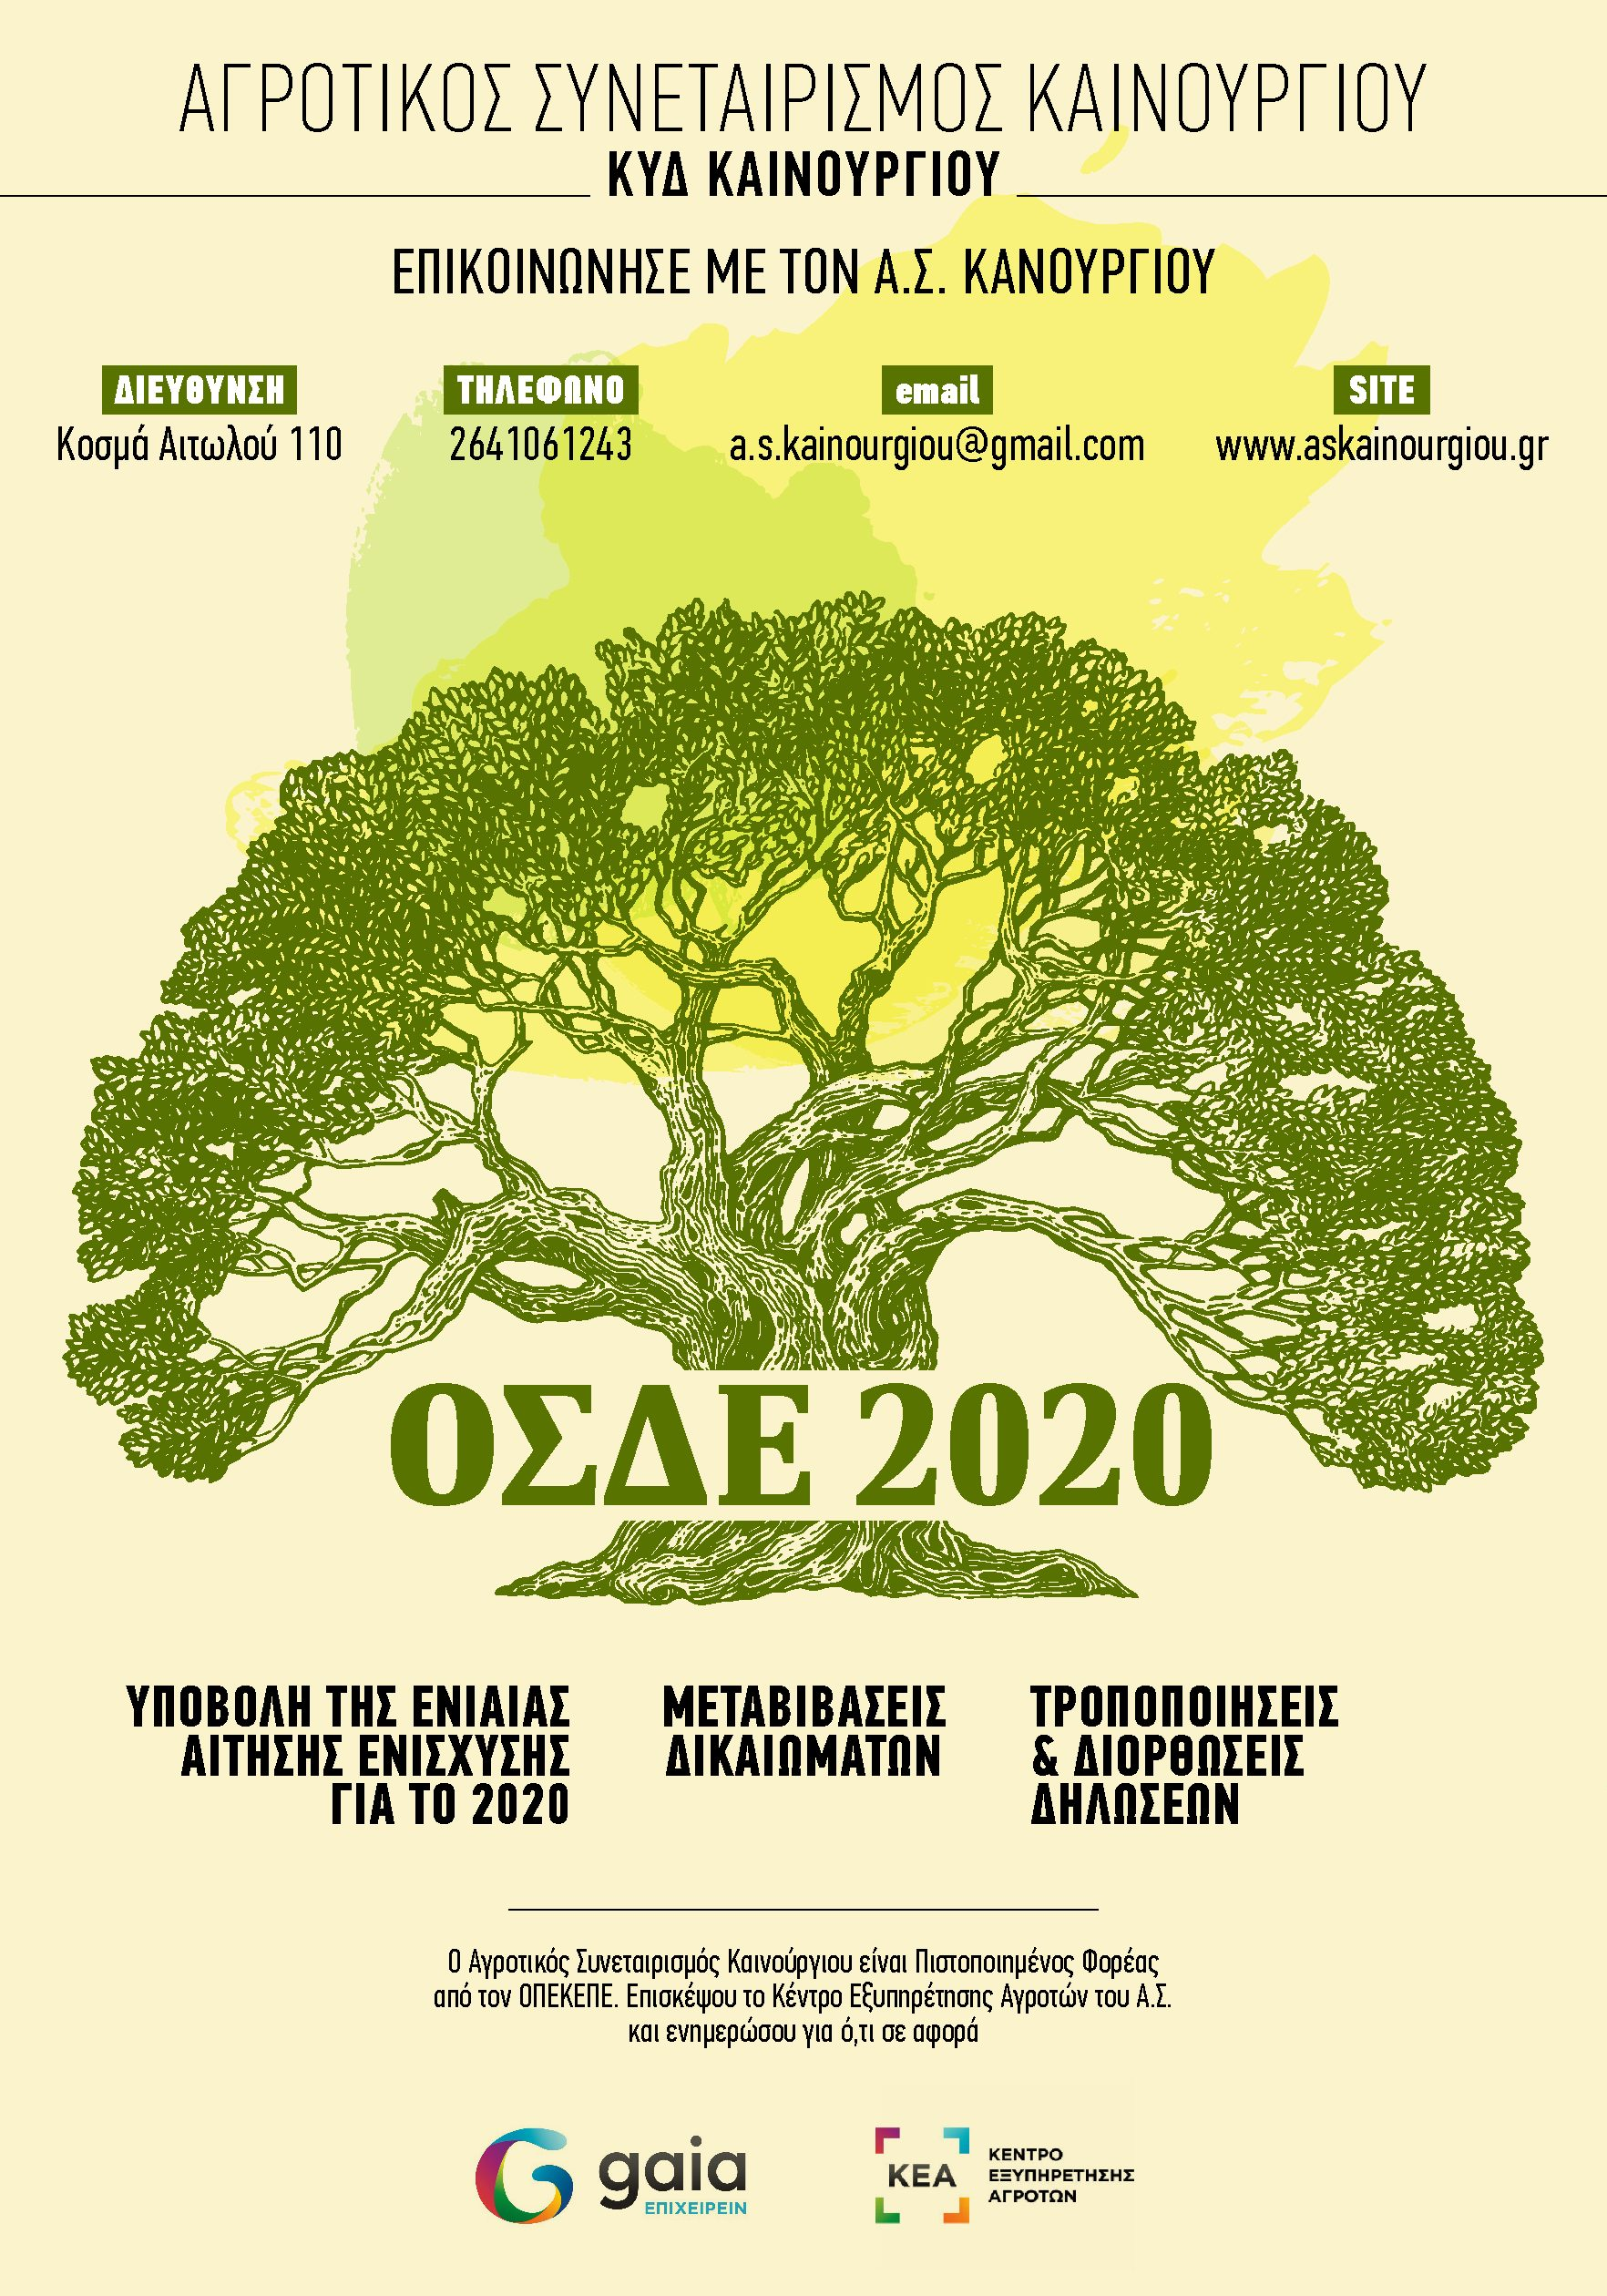 ΟΣΔΕ 2020